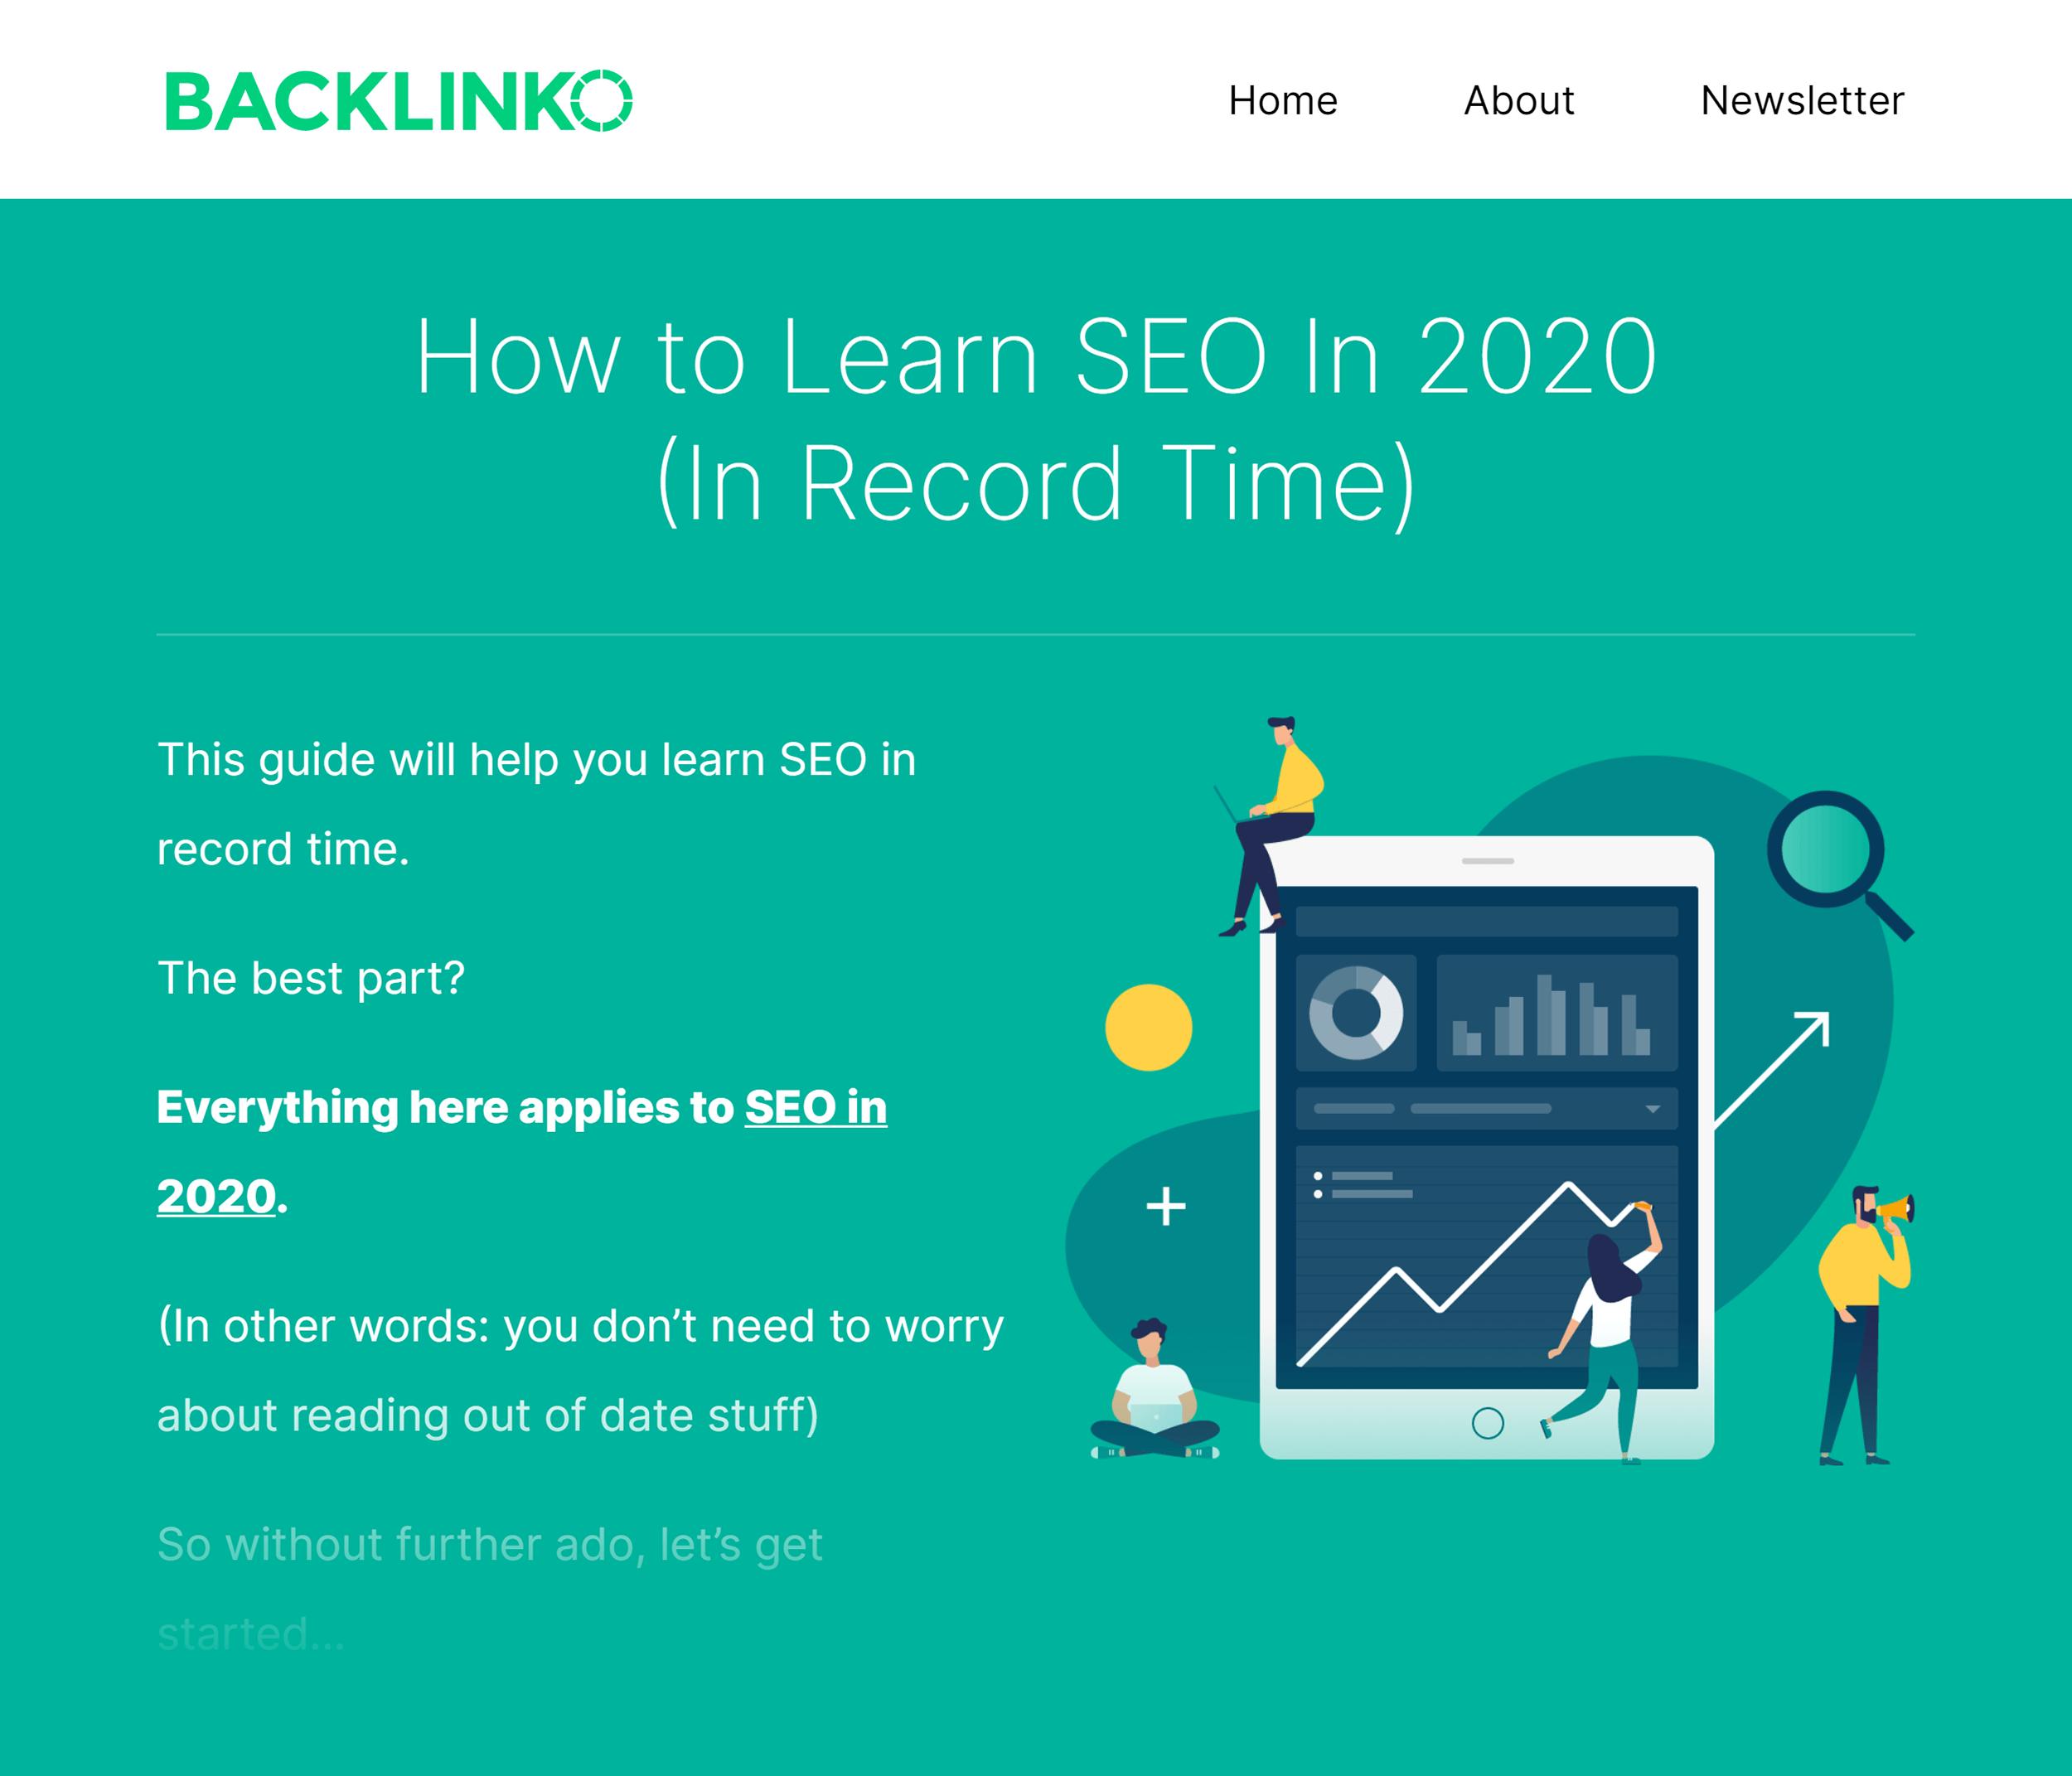 Backlinko Learn SEO Fast Guide